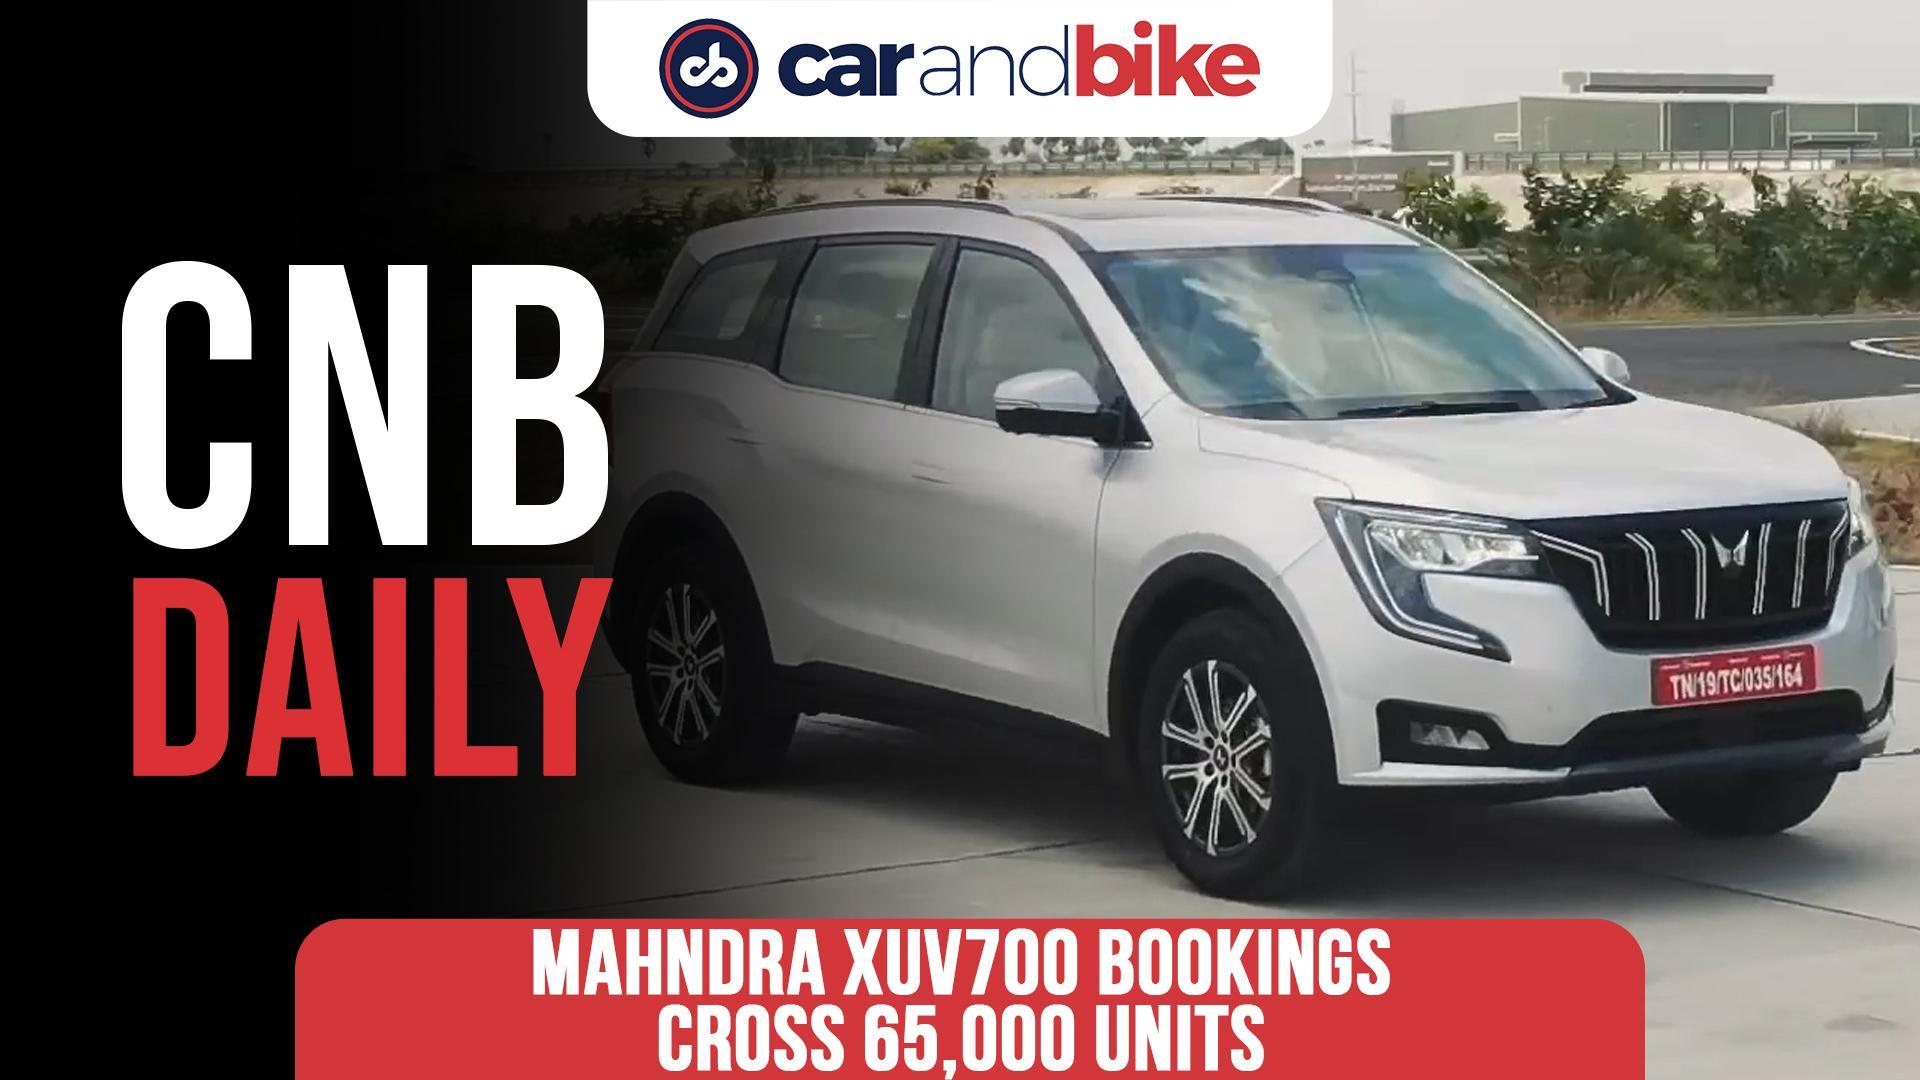 Mahindra XUV700 bookings cross 65,000 mark